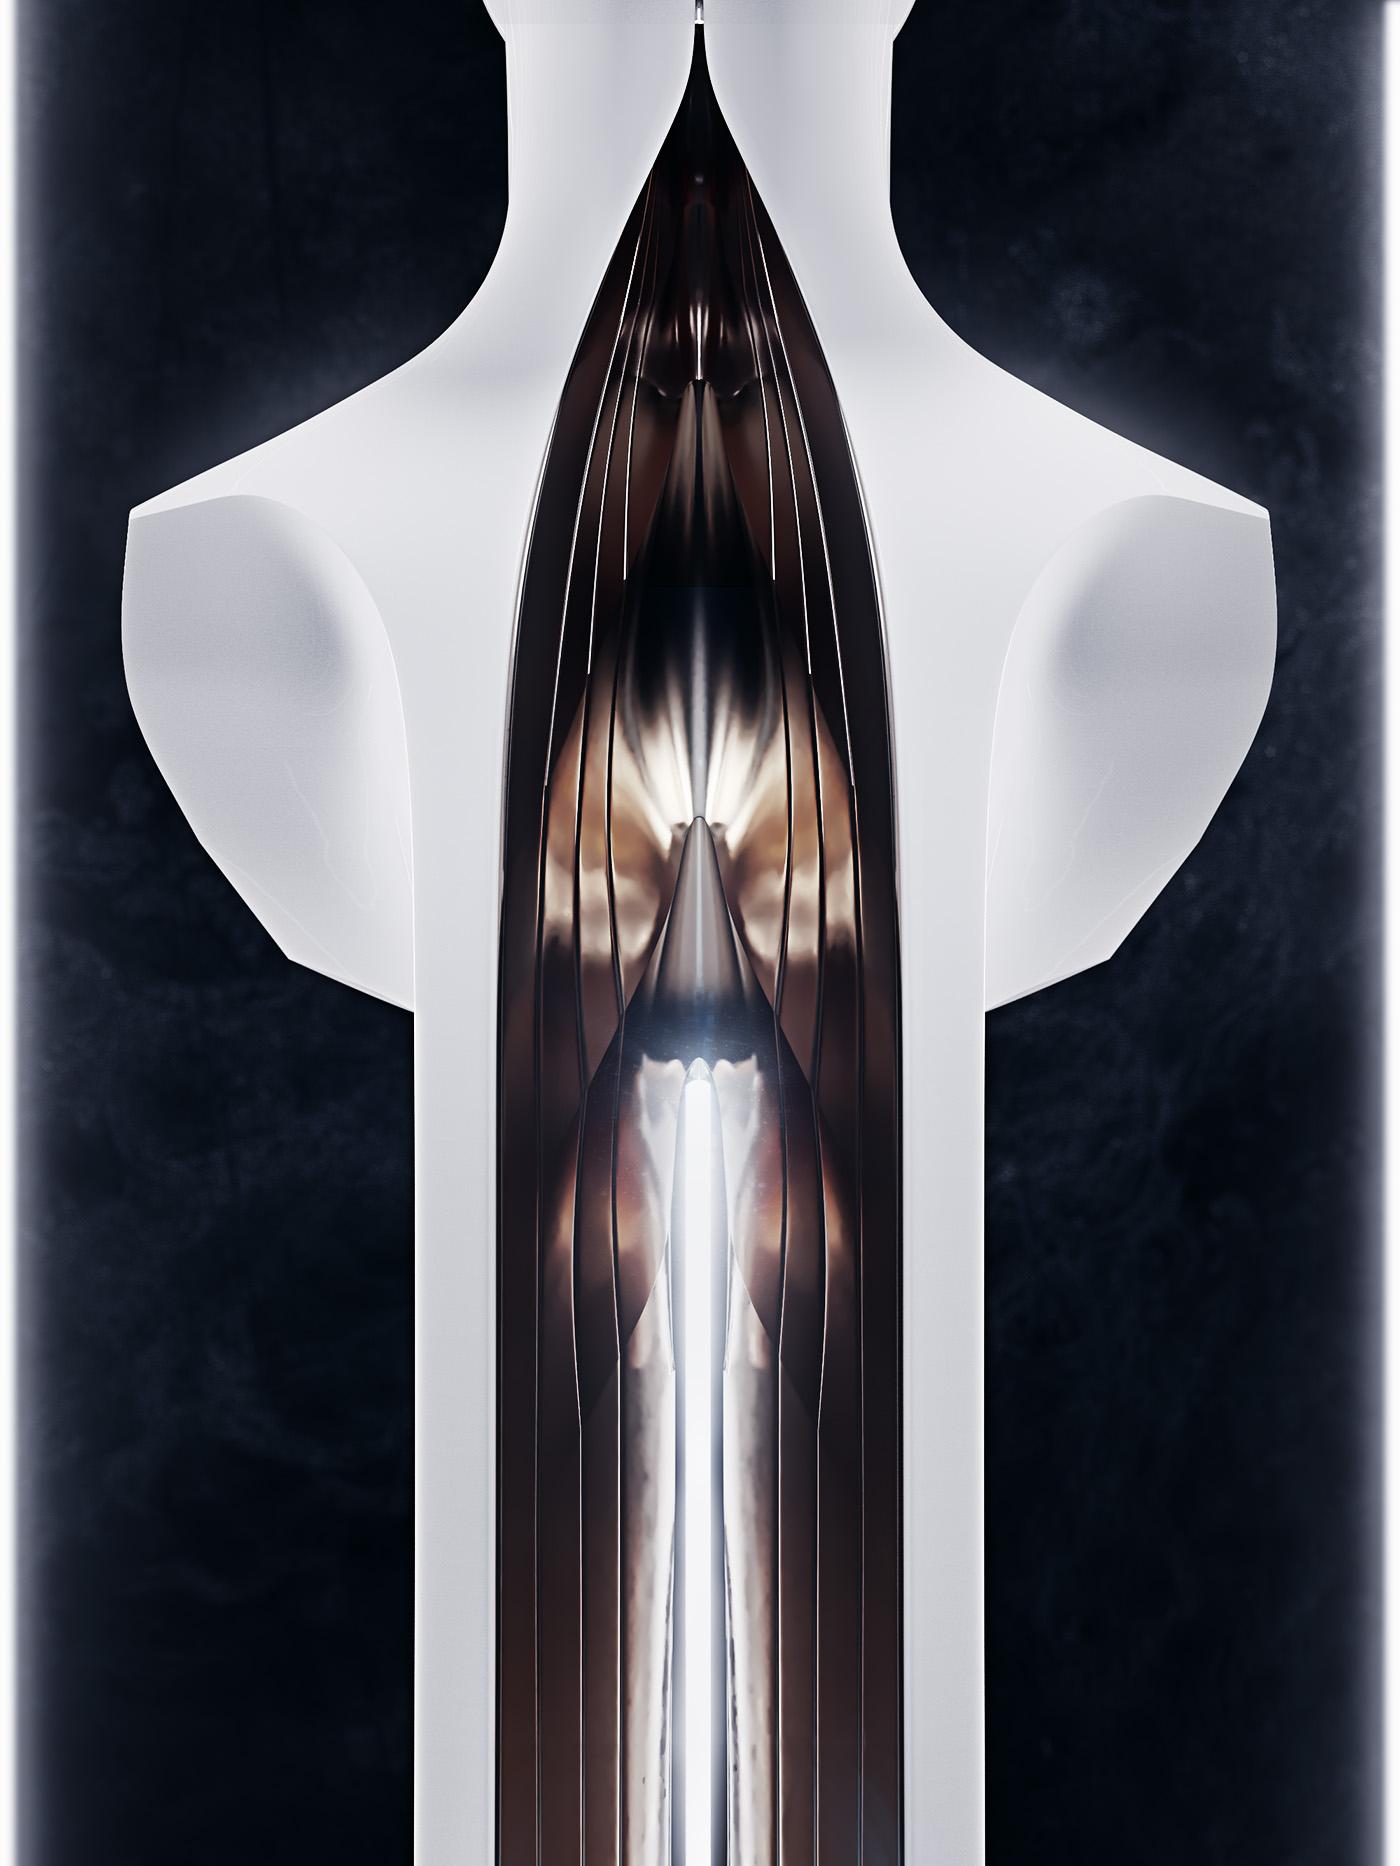 Sculpture, portrait of a Singer 5